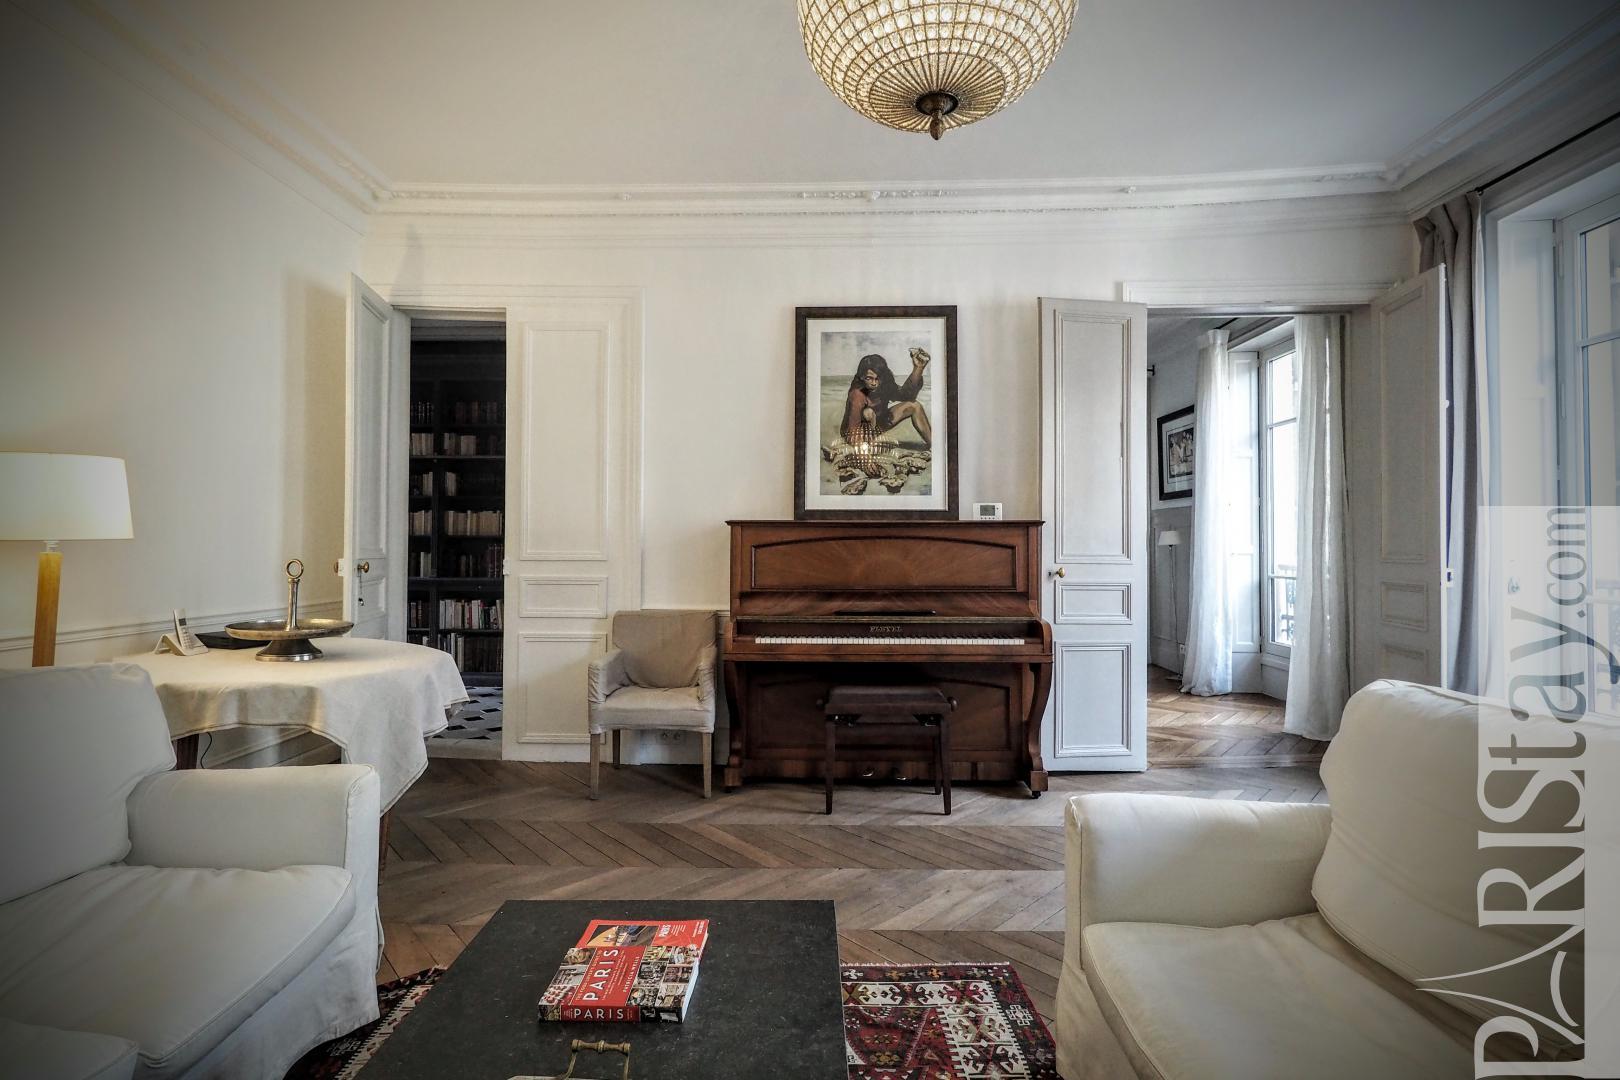 Craigslist Room For Rent Paris